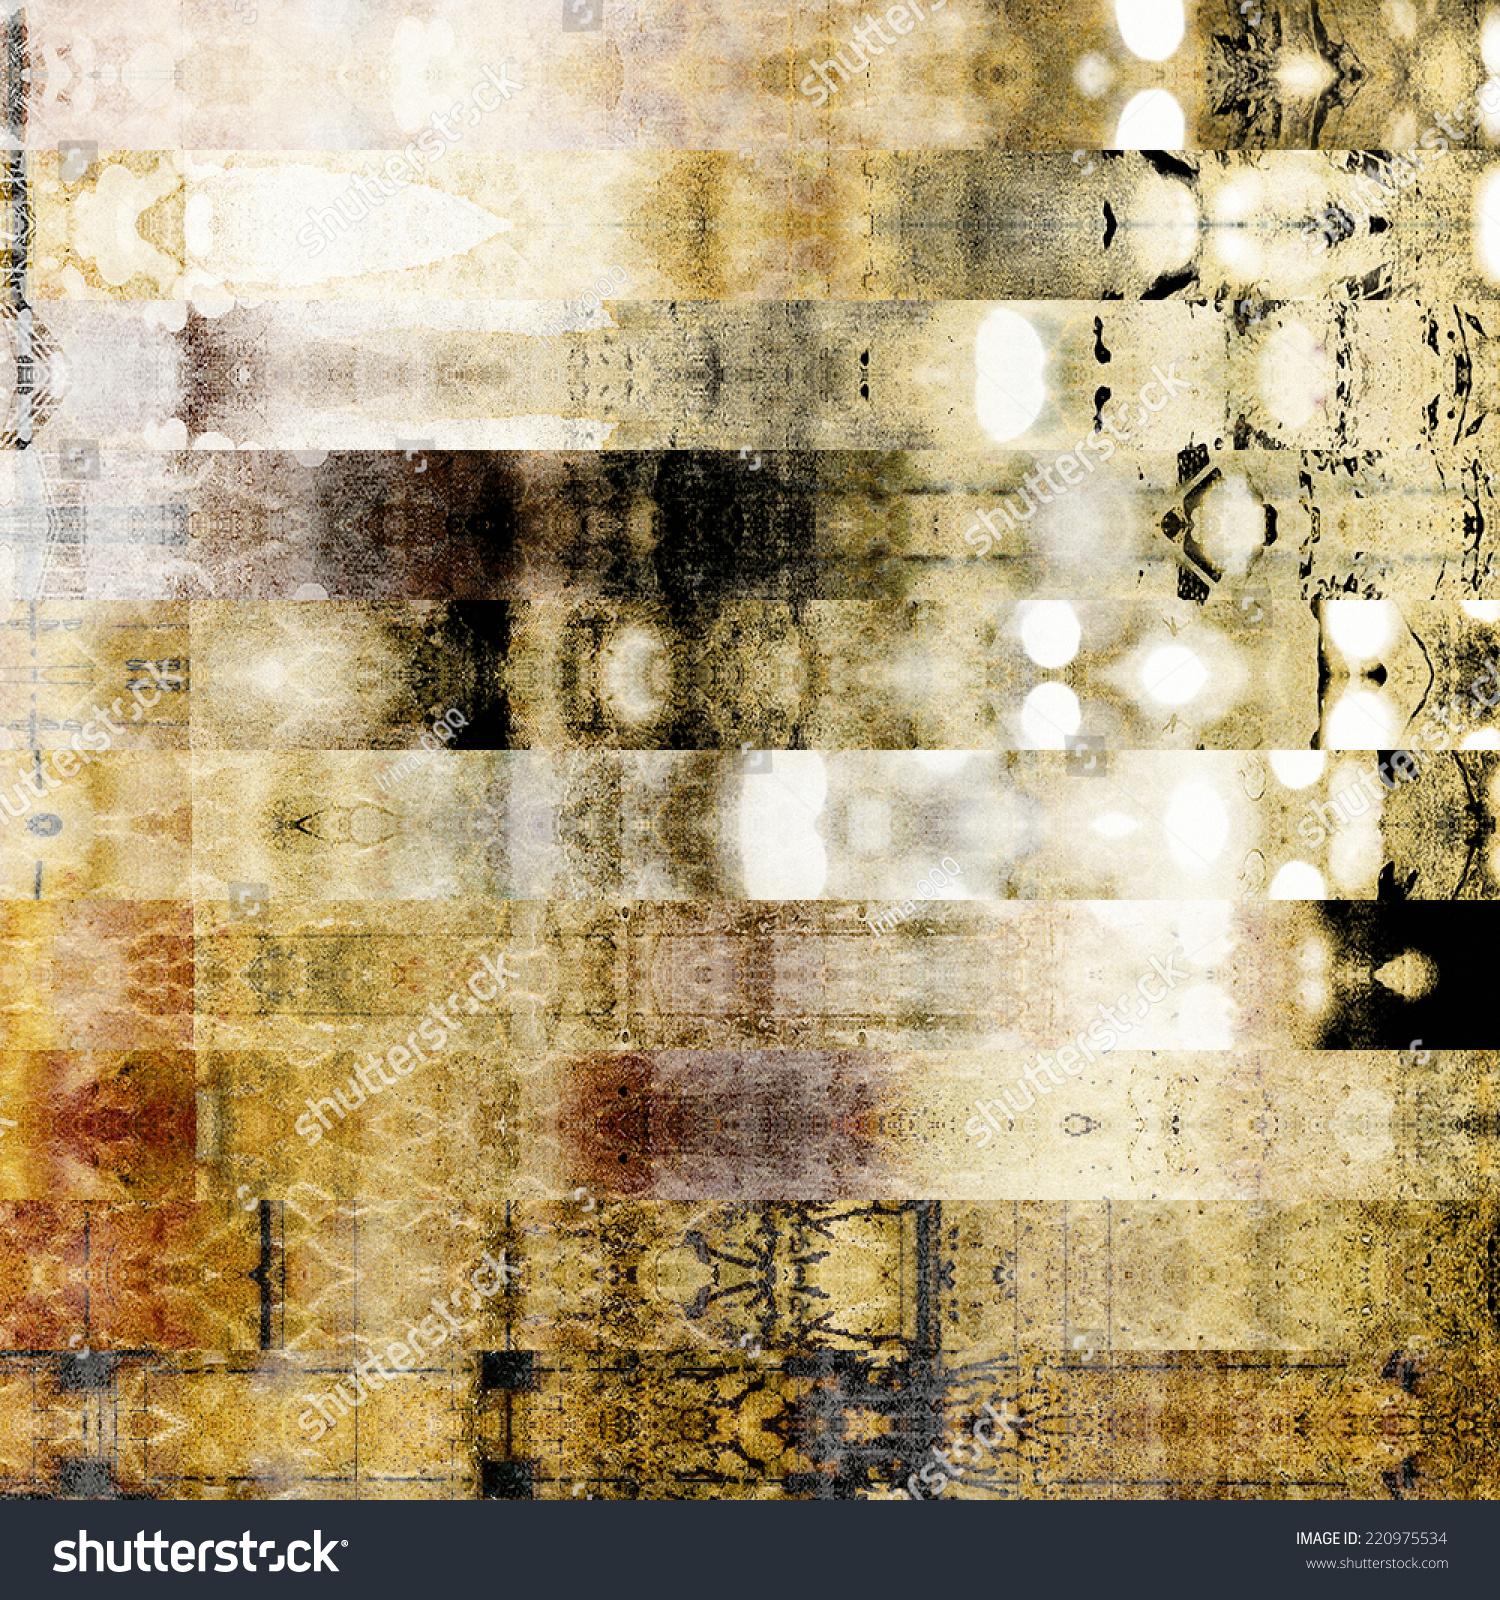 艺术抽象几何横条纹图案背景白色